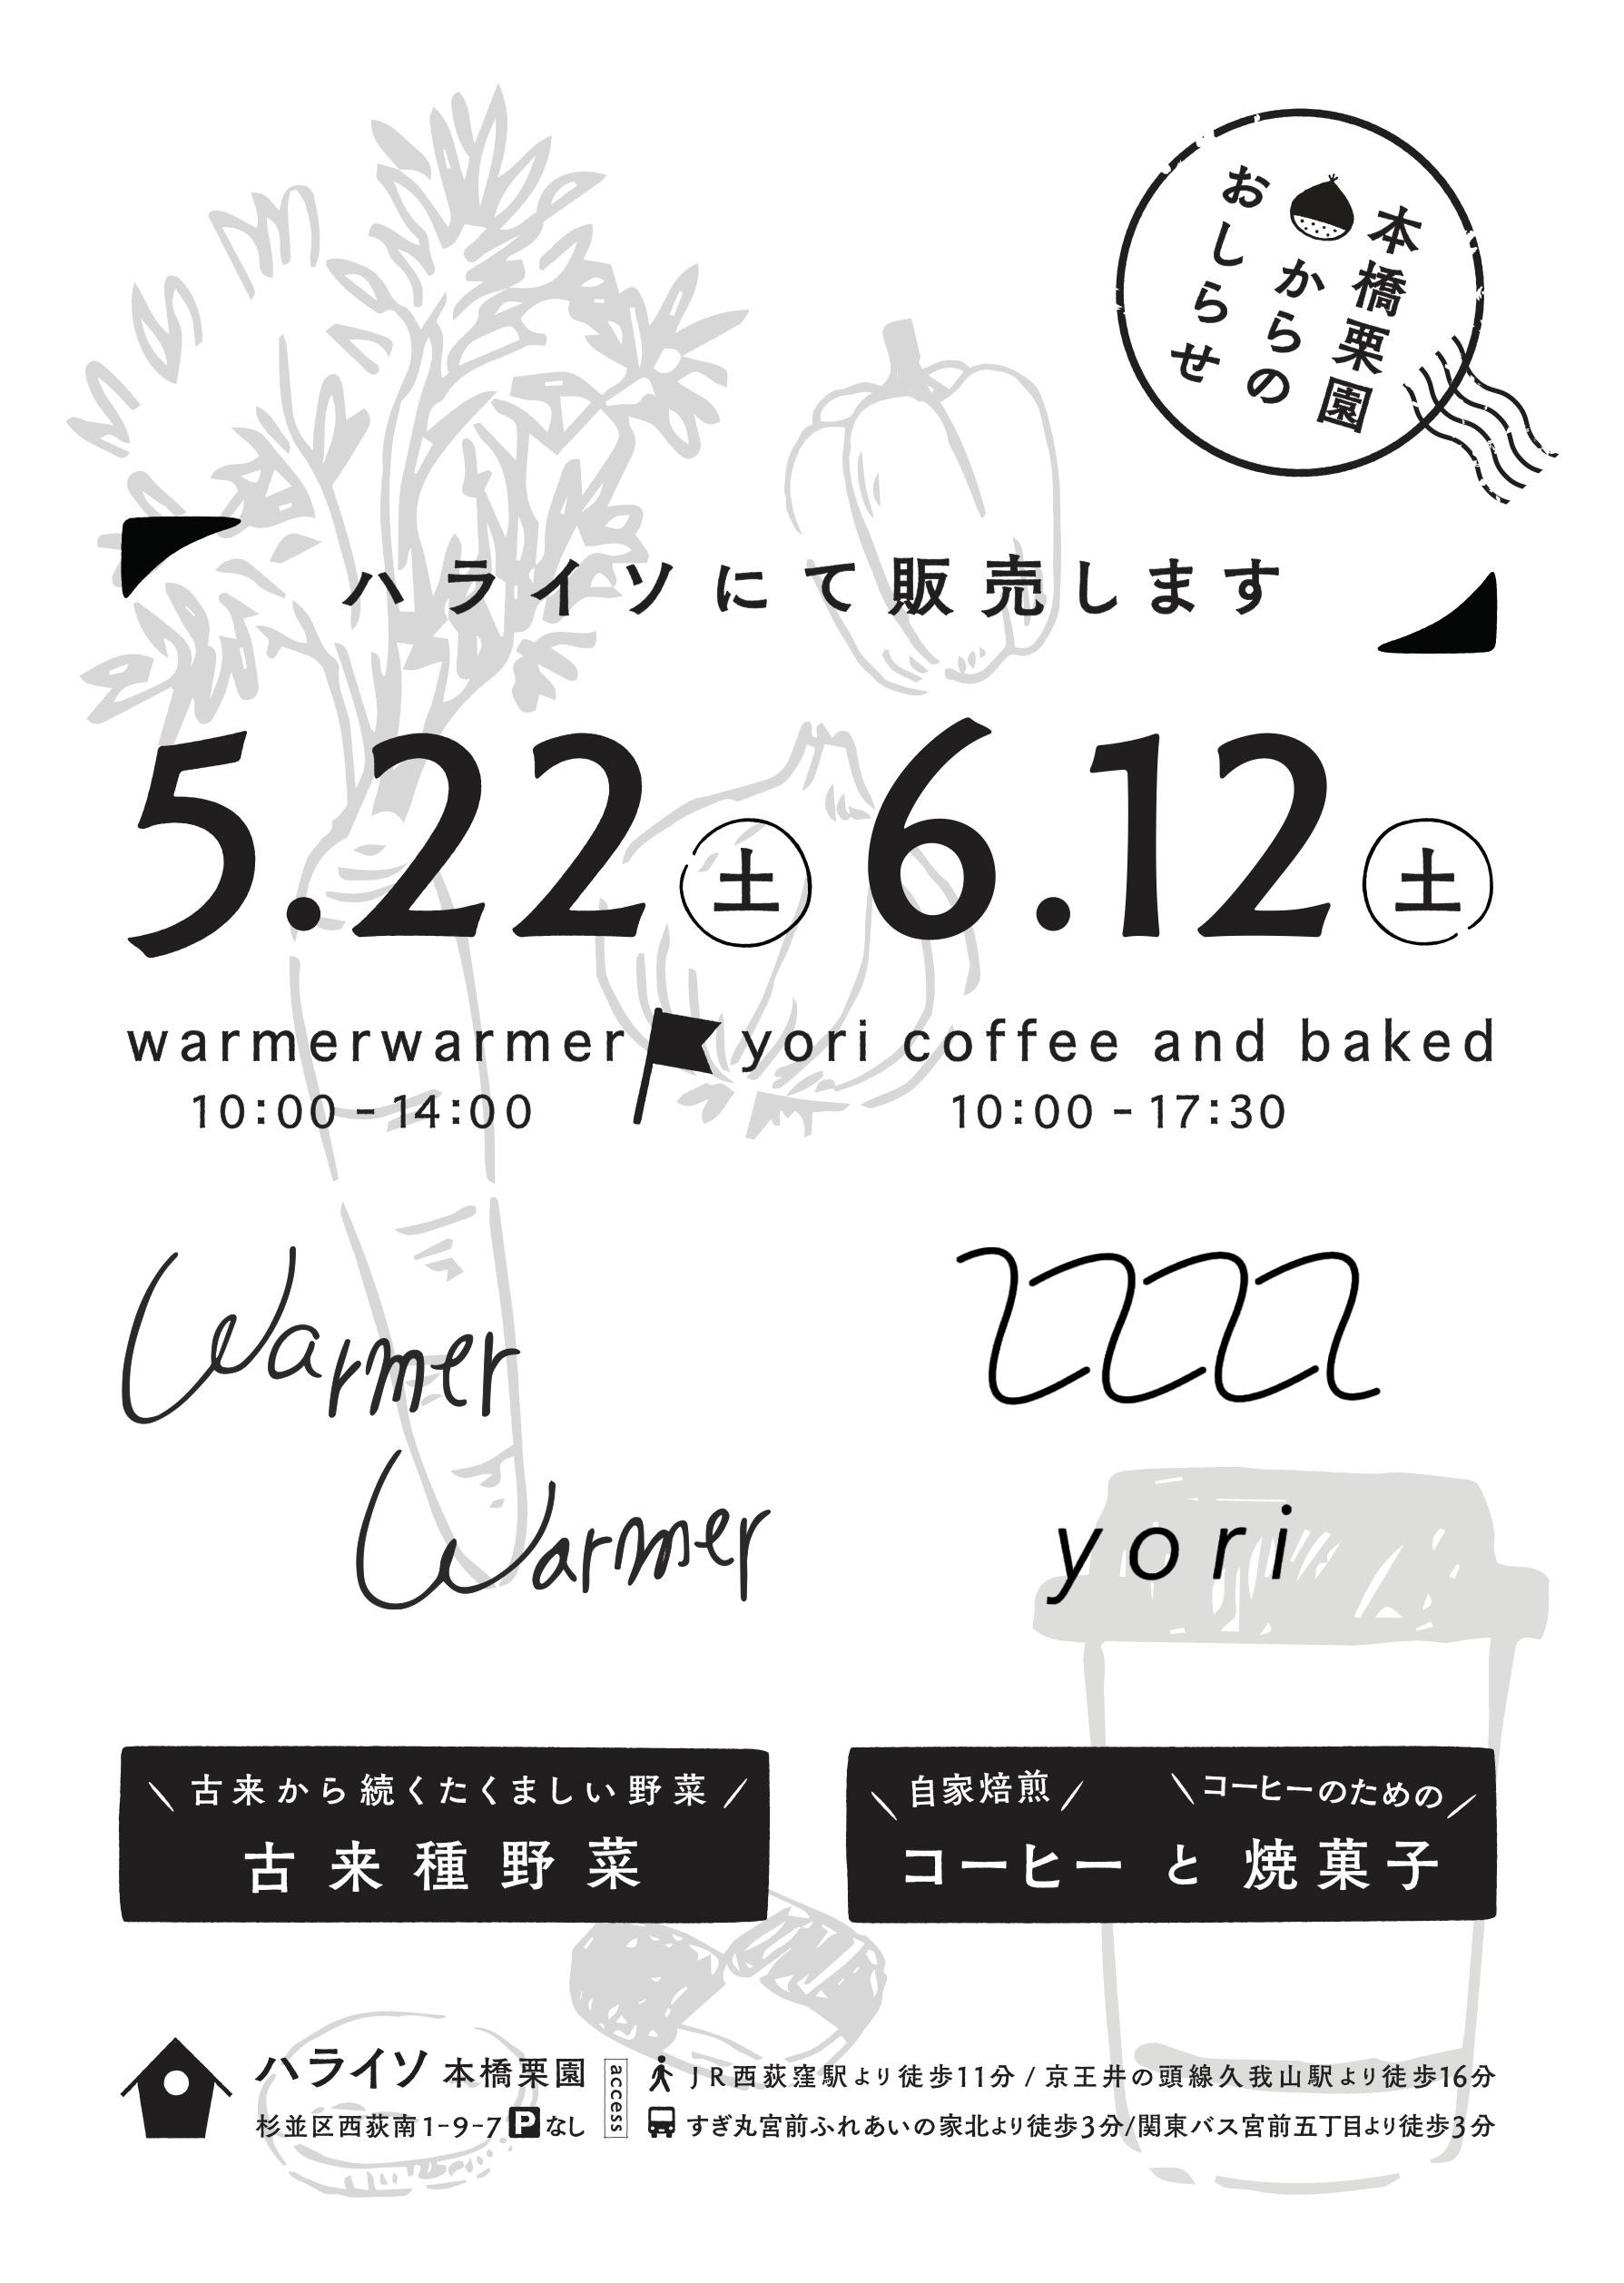 5/22.6/12 古来種野菜の販売と写真展@西荻窪ハライソ